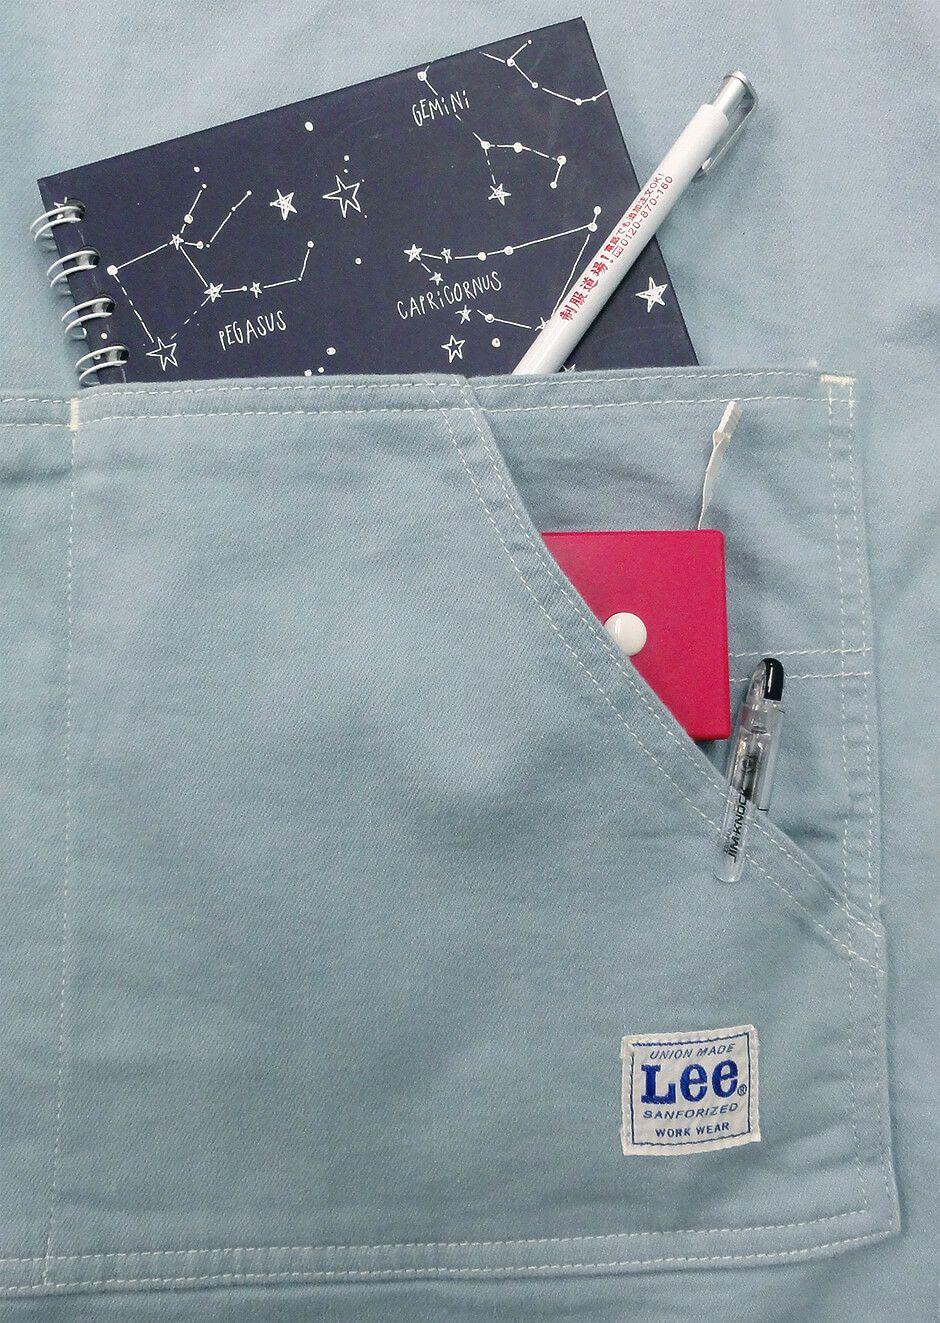 A5サイズのノートもすっぽり入る、大容量のダブルポケットで収納力抜群!